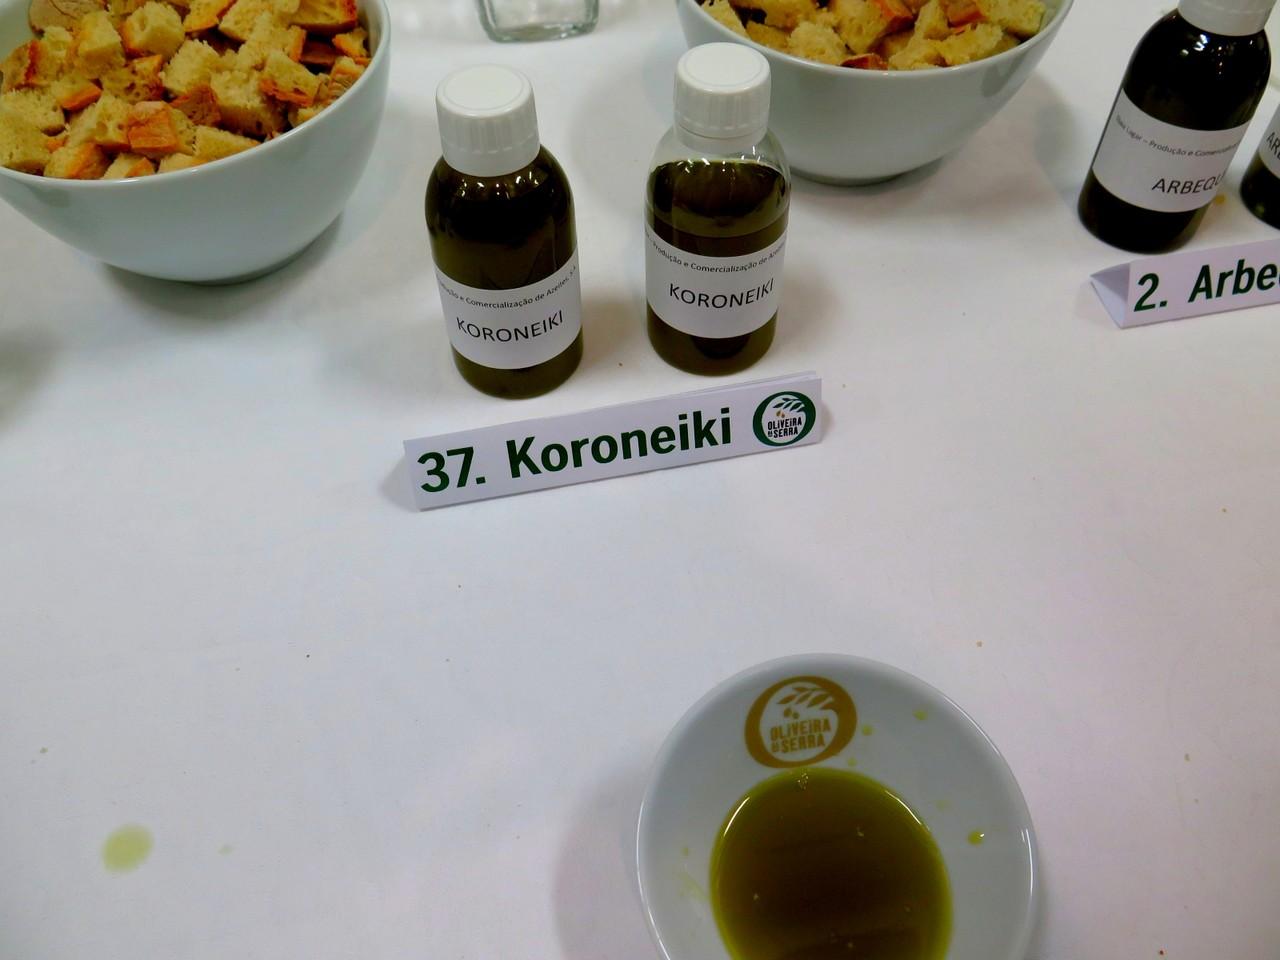 Amostra da variedade Koroneiki